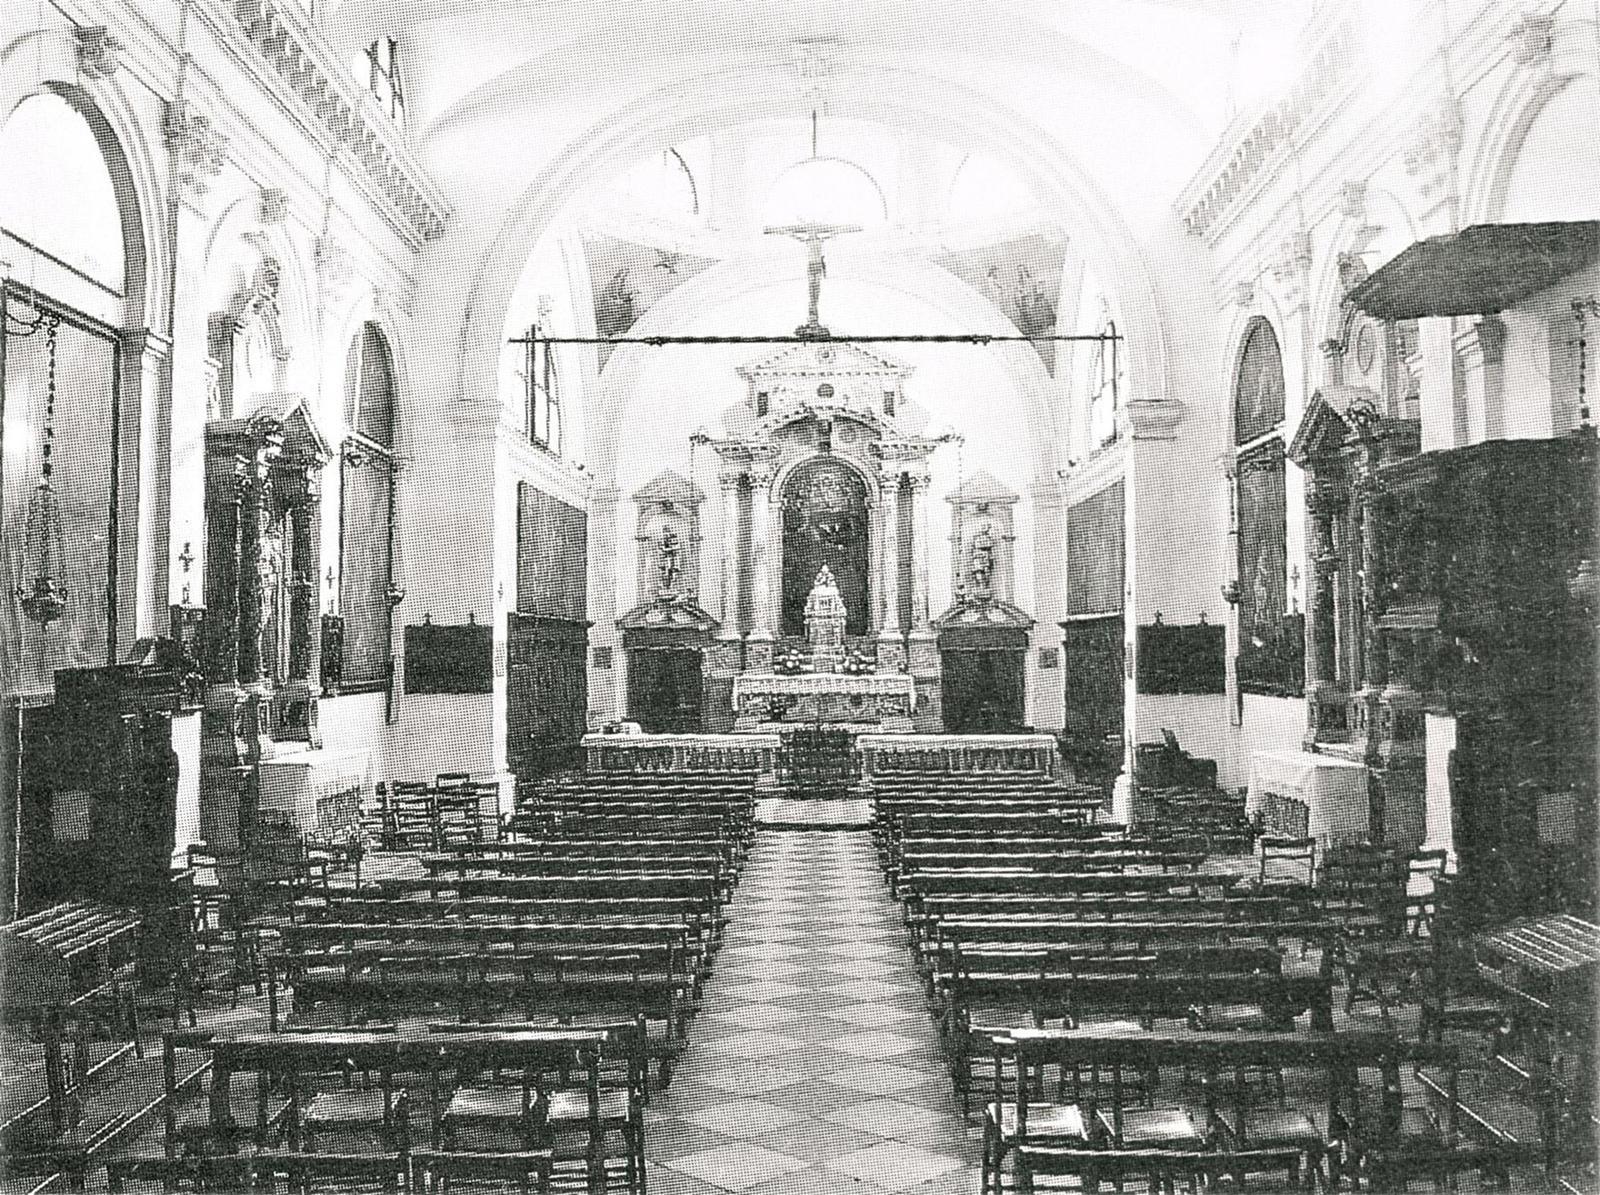 Vecchia chiesa parrocchiale di Battaglia Terme, interno.